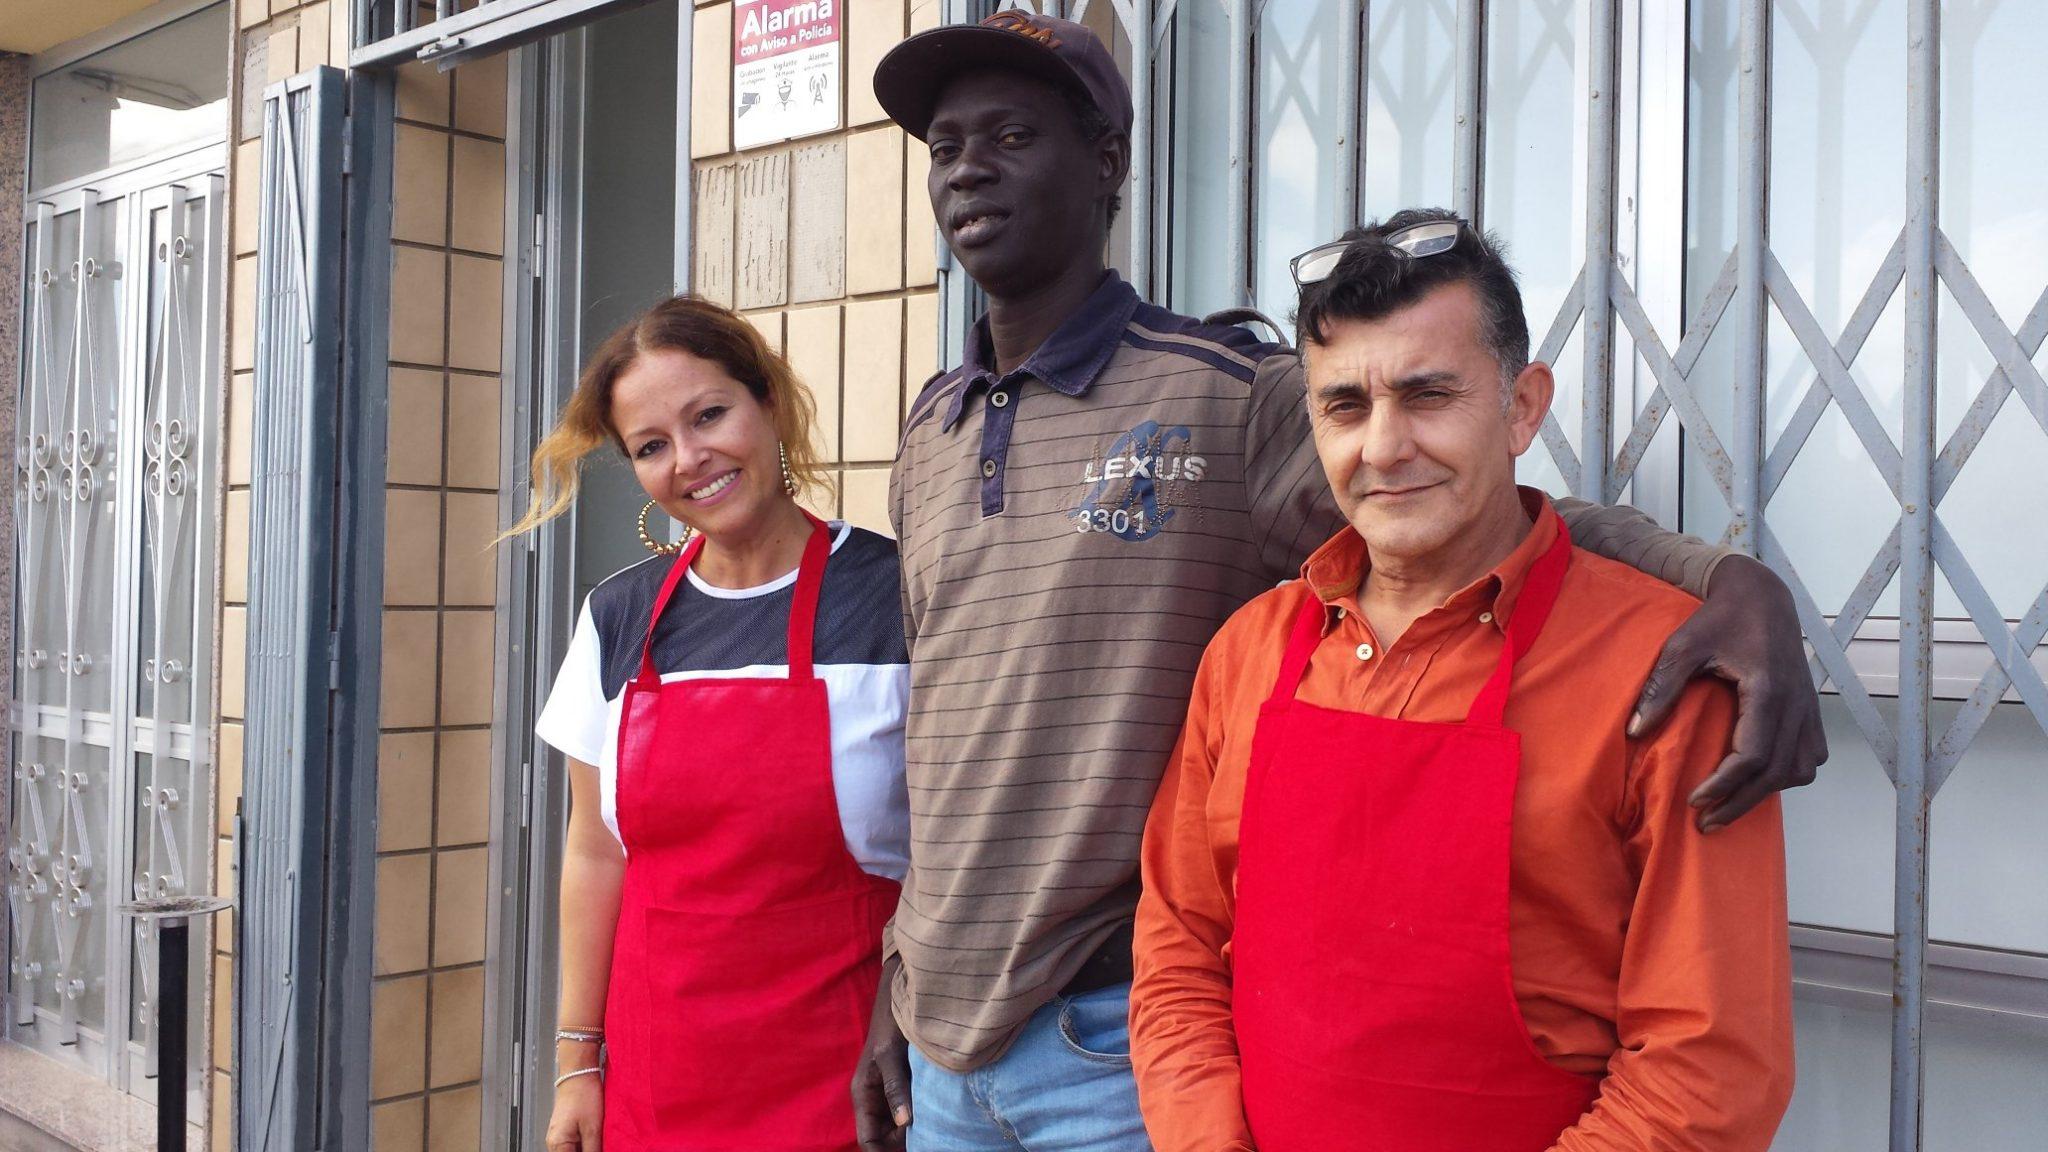 La directora junto a Moussa (centro), usuario del Comedor, y Pedro, trabajador. J. C. M.